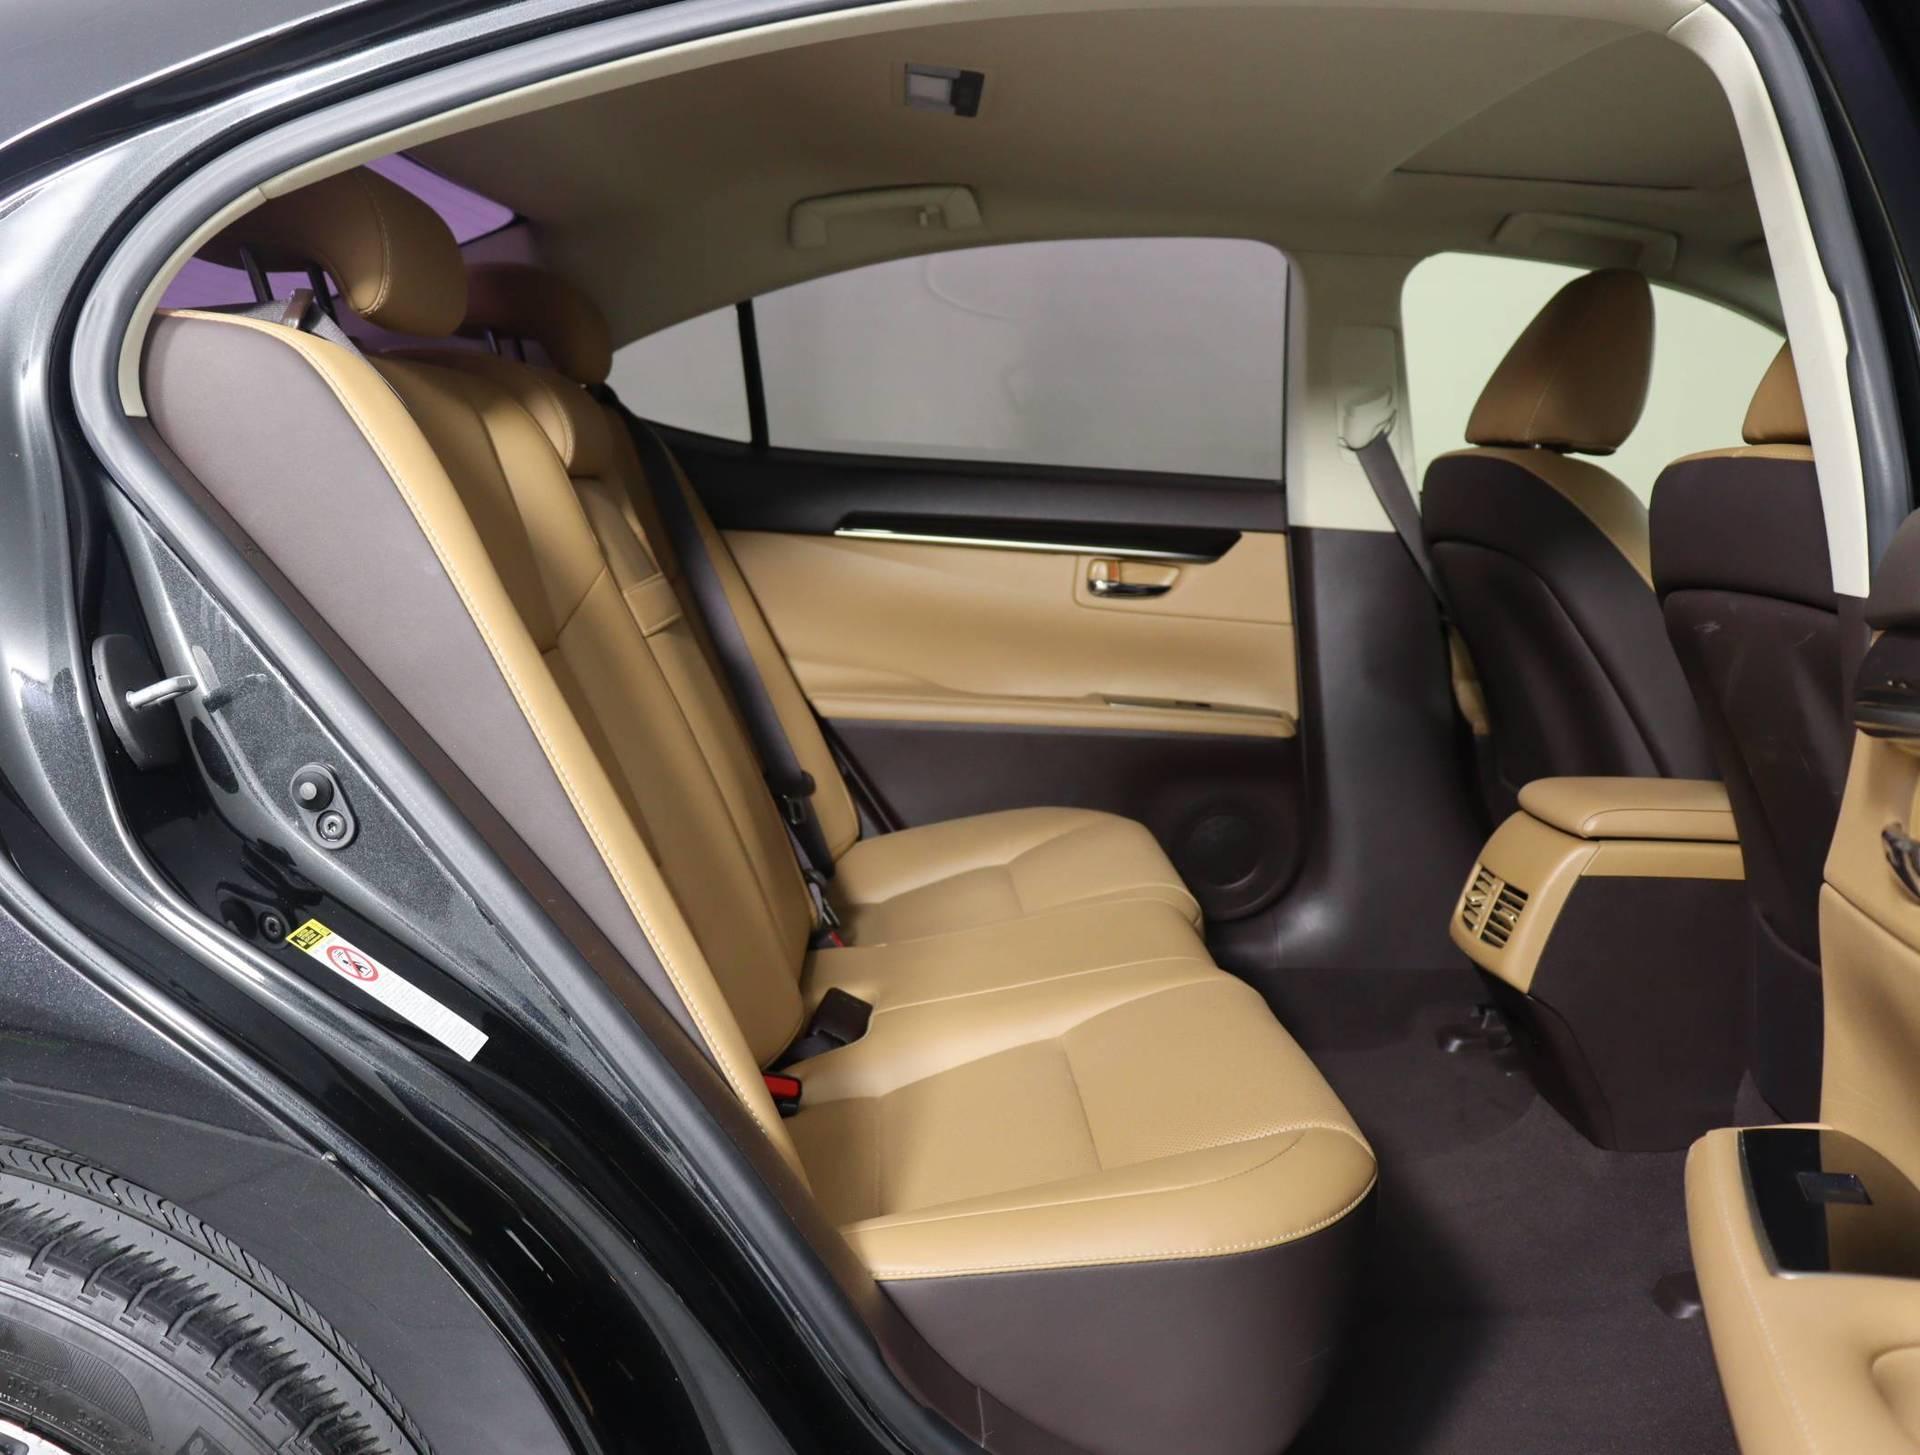 used vehicle - Sedan LEXUS ES 2018